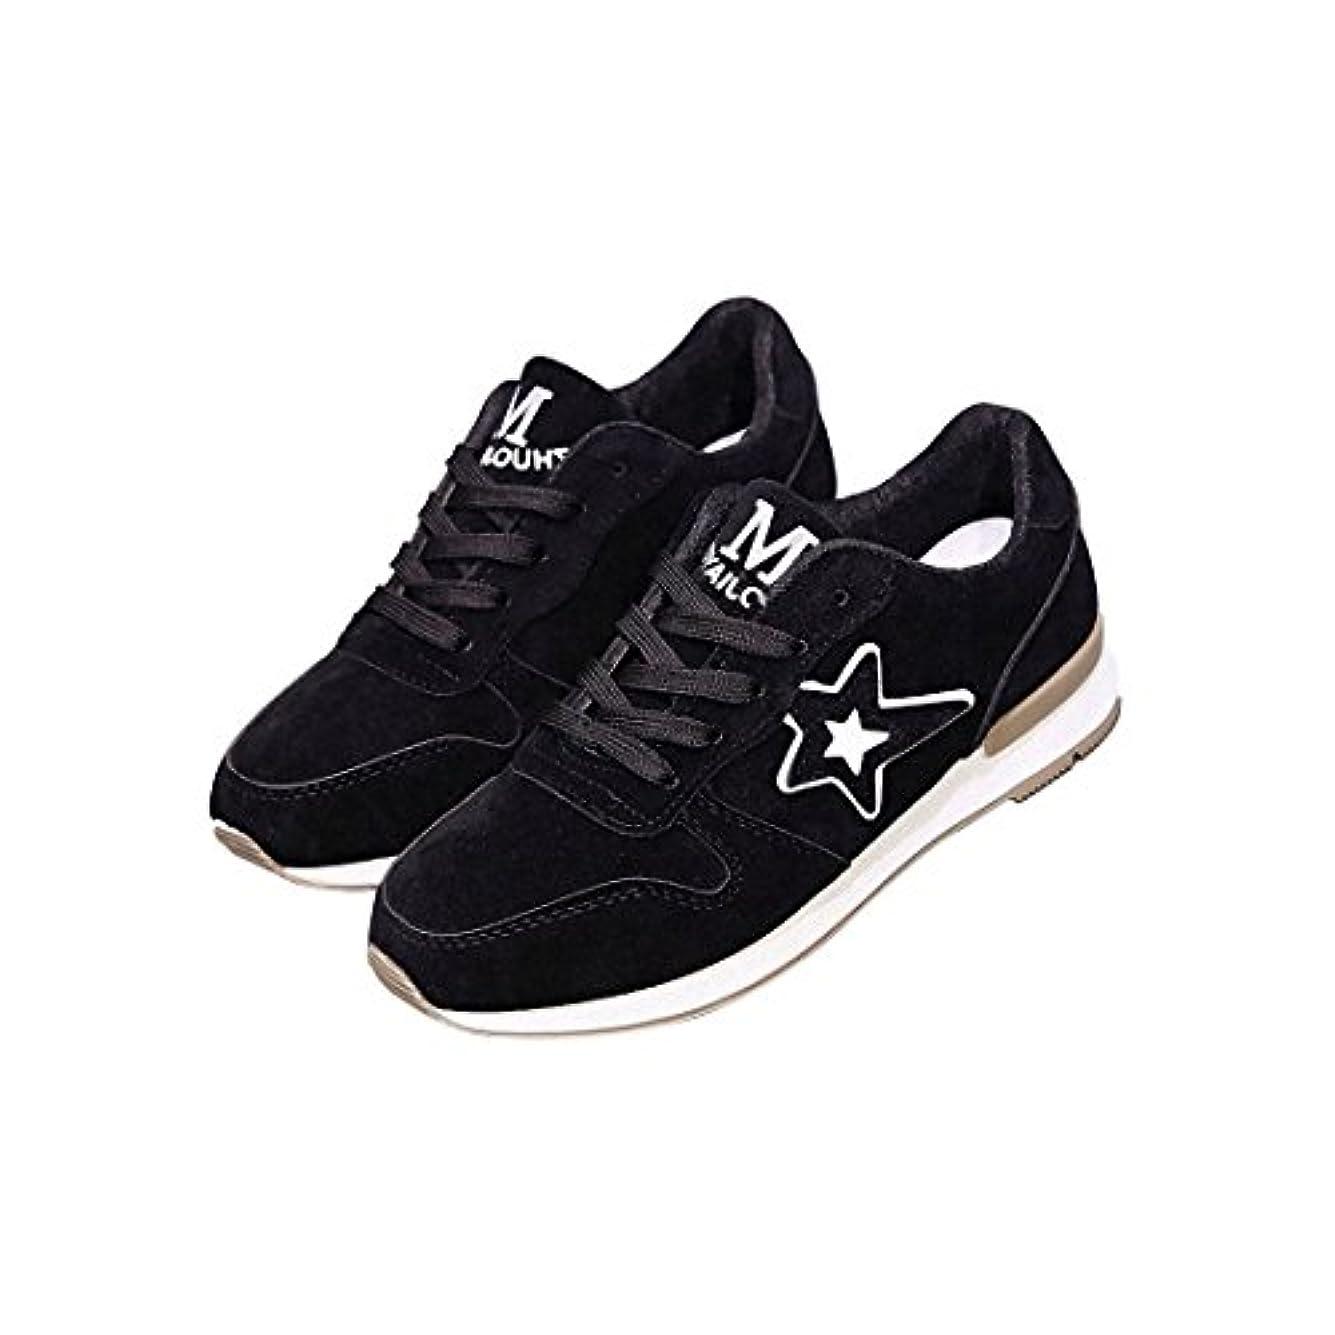 フィード簡単に資本TOOGOO 1 x ペアのブラックのスポーツシューズ 星の学生のスキッドシューズ 通気性のあるレジャー旅行靴 ハイキングシューズ US7.5 = EU38 足 240mm